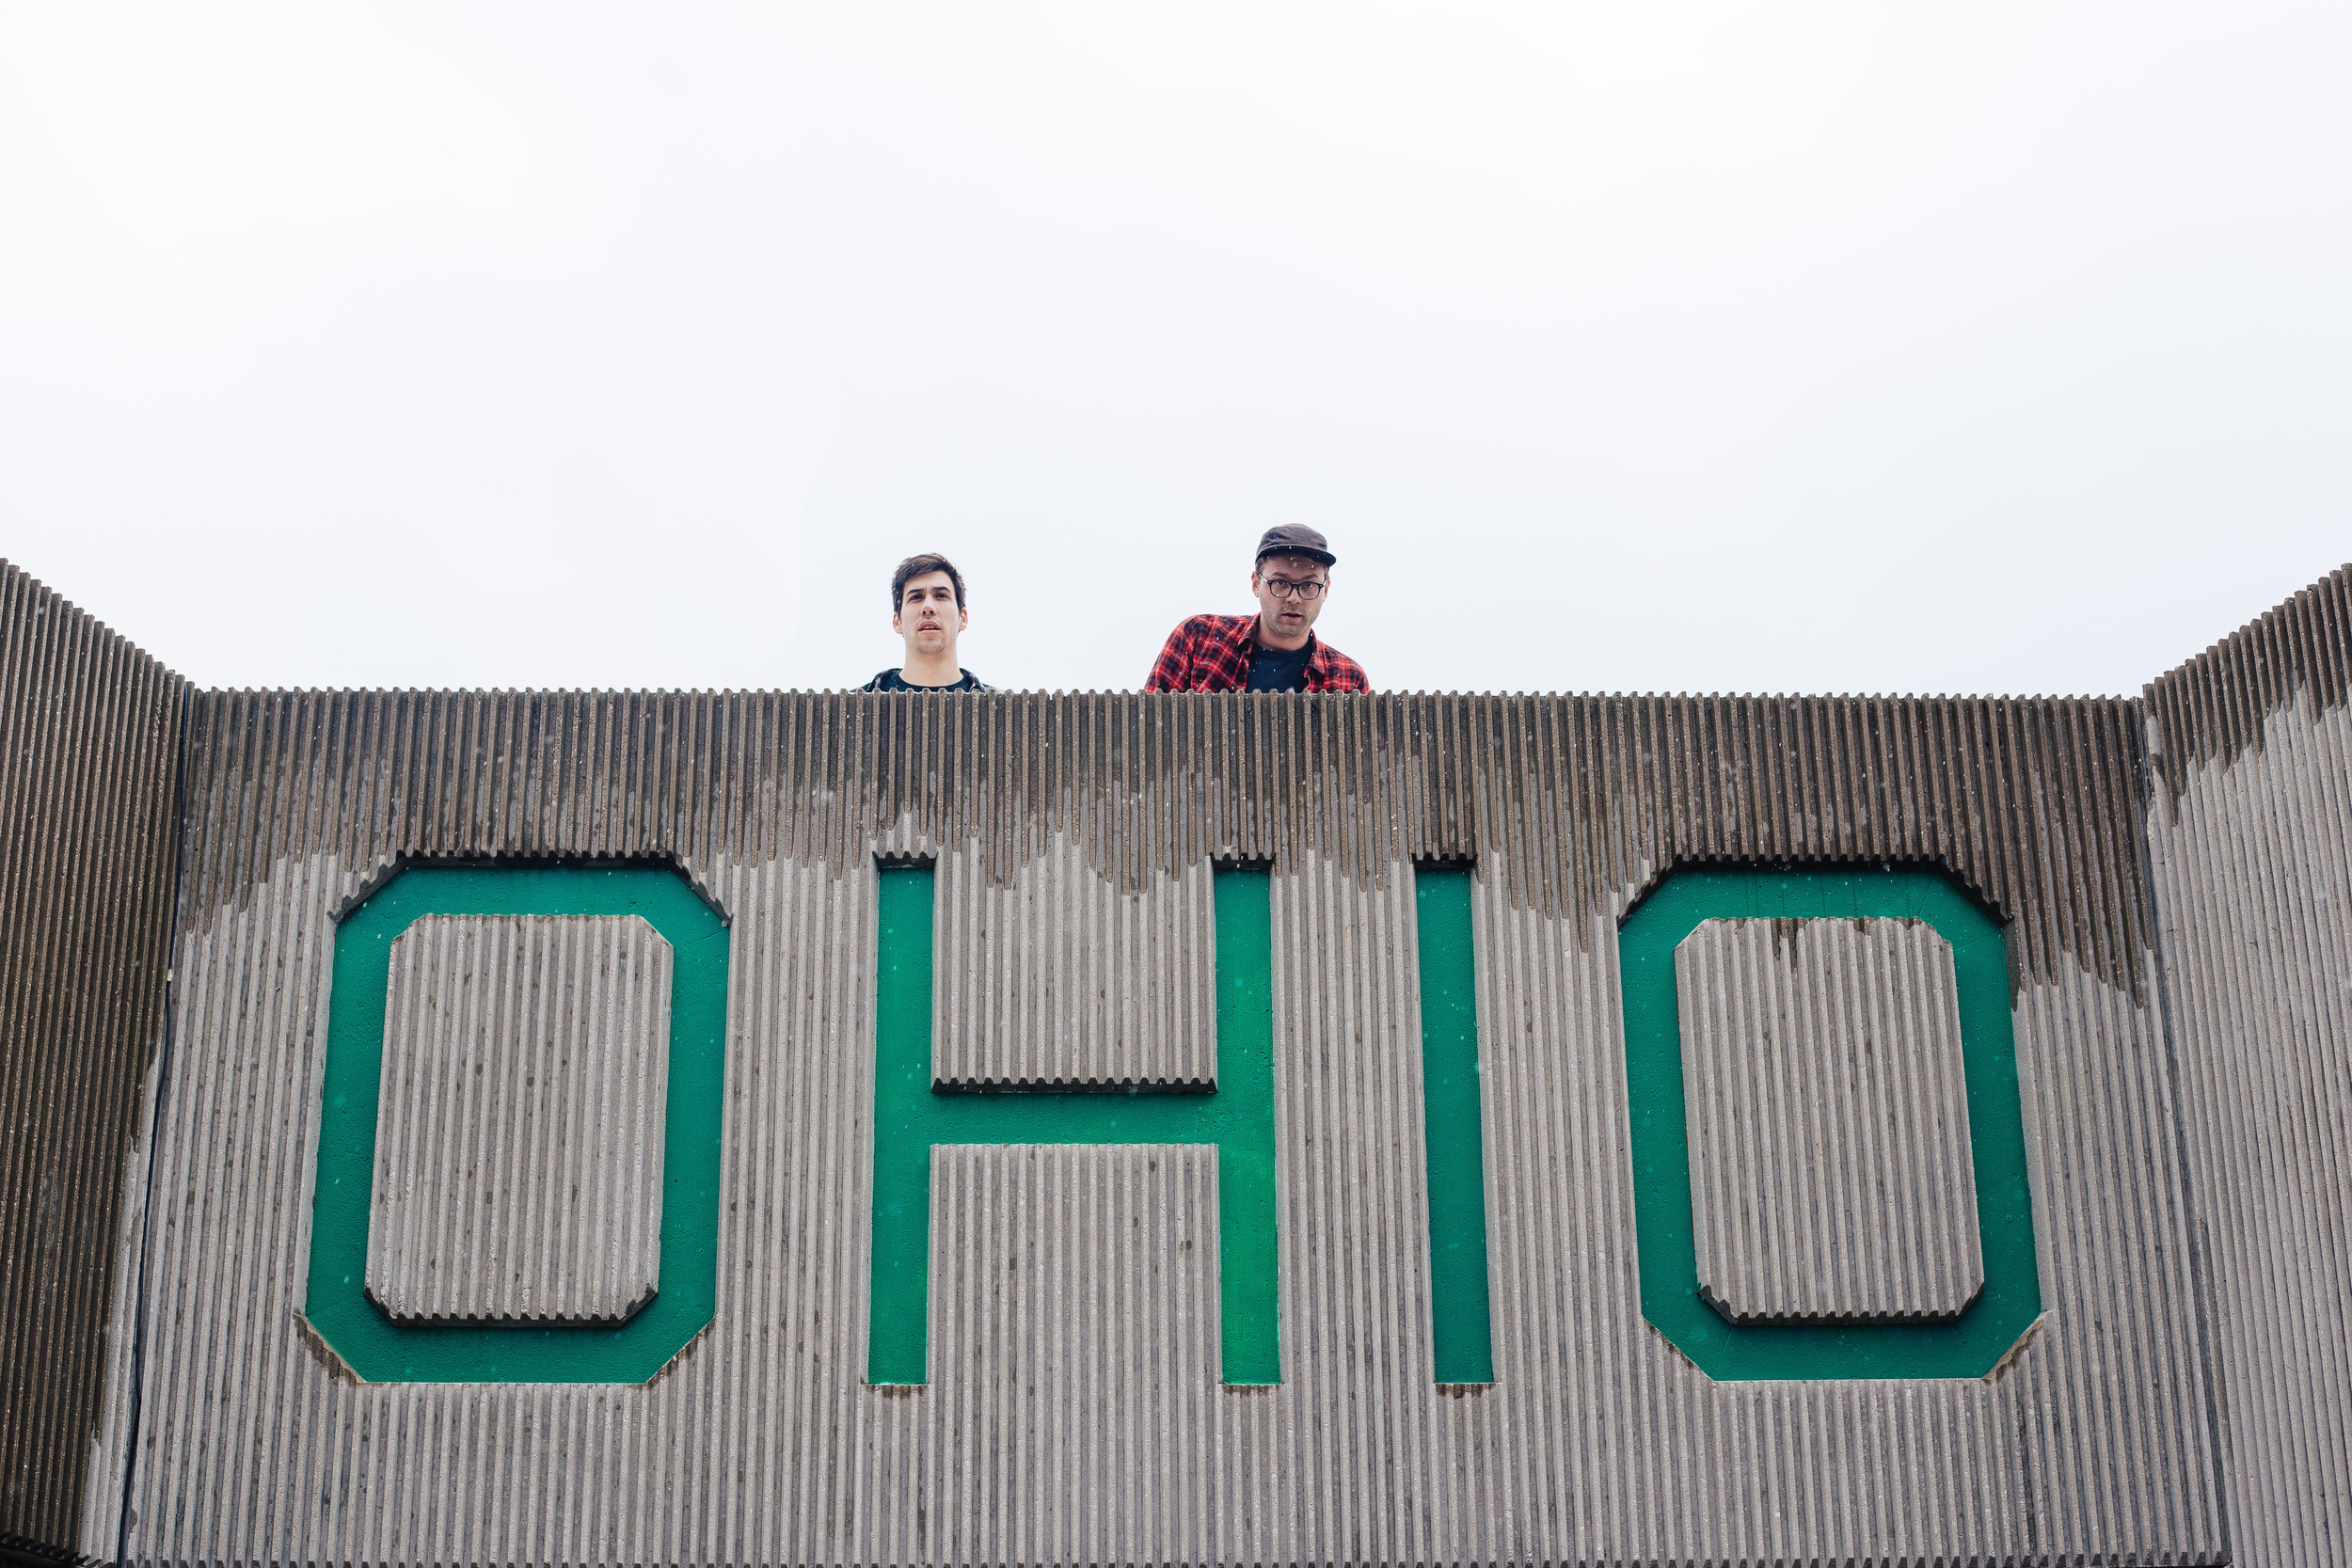 SignalsMW_Cleveland_040716_9.jpg